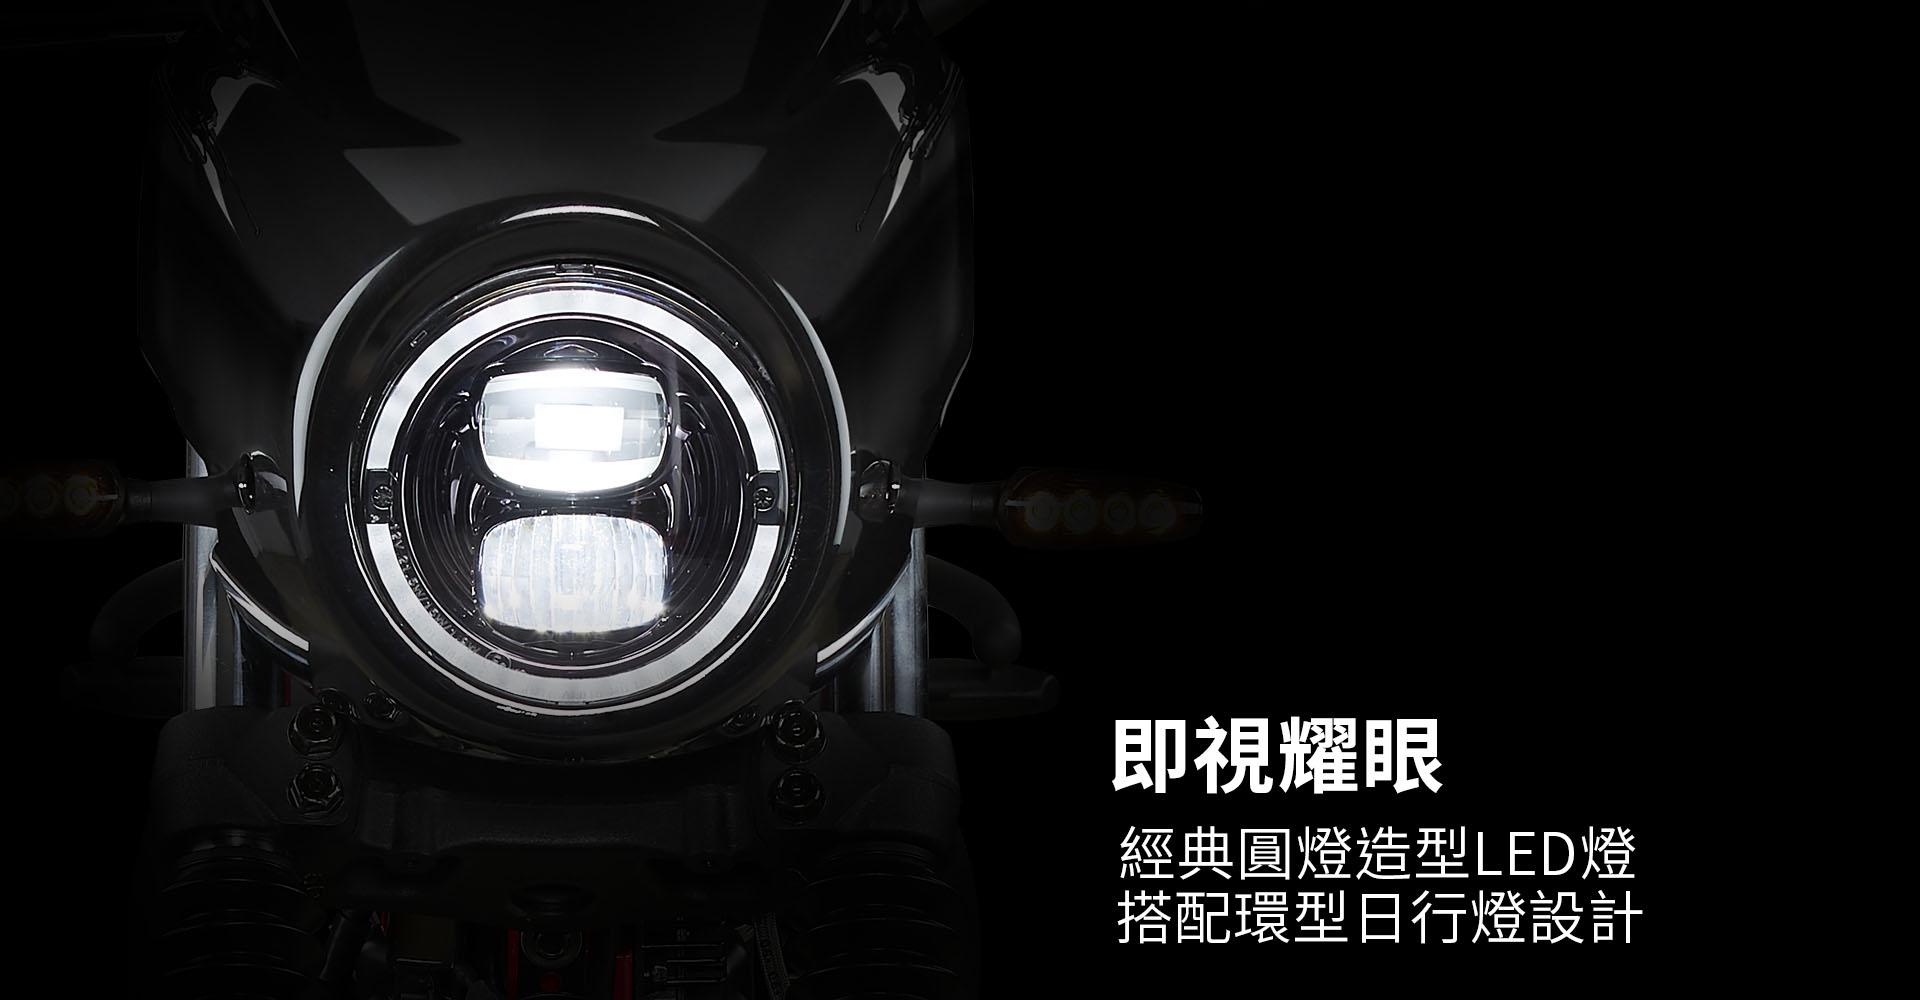 配備-2-1頭燈